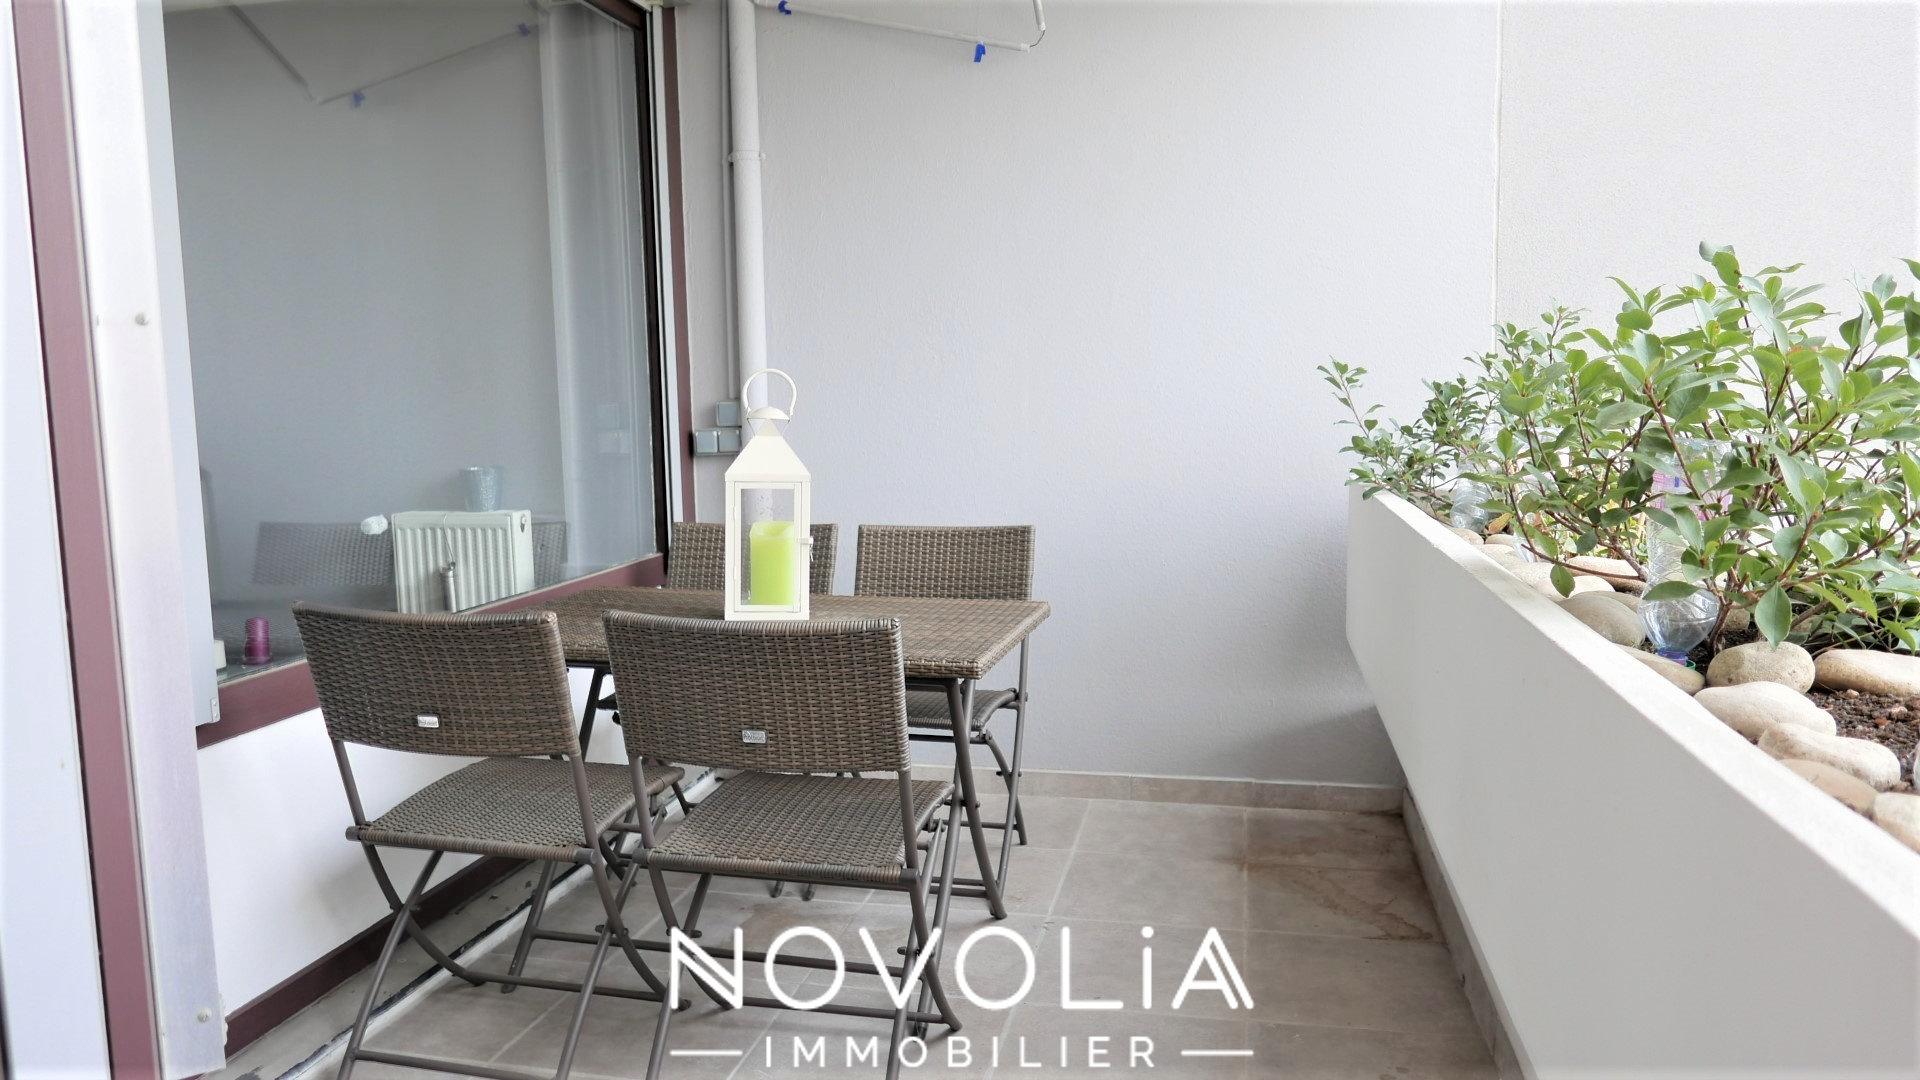 Achat Appartement Surface de 77 m², 3 pièces, Vénissieux (69200)